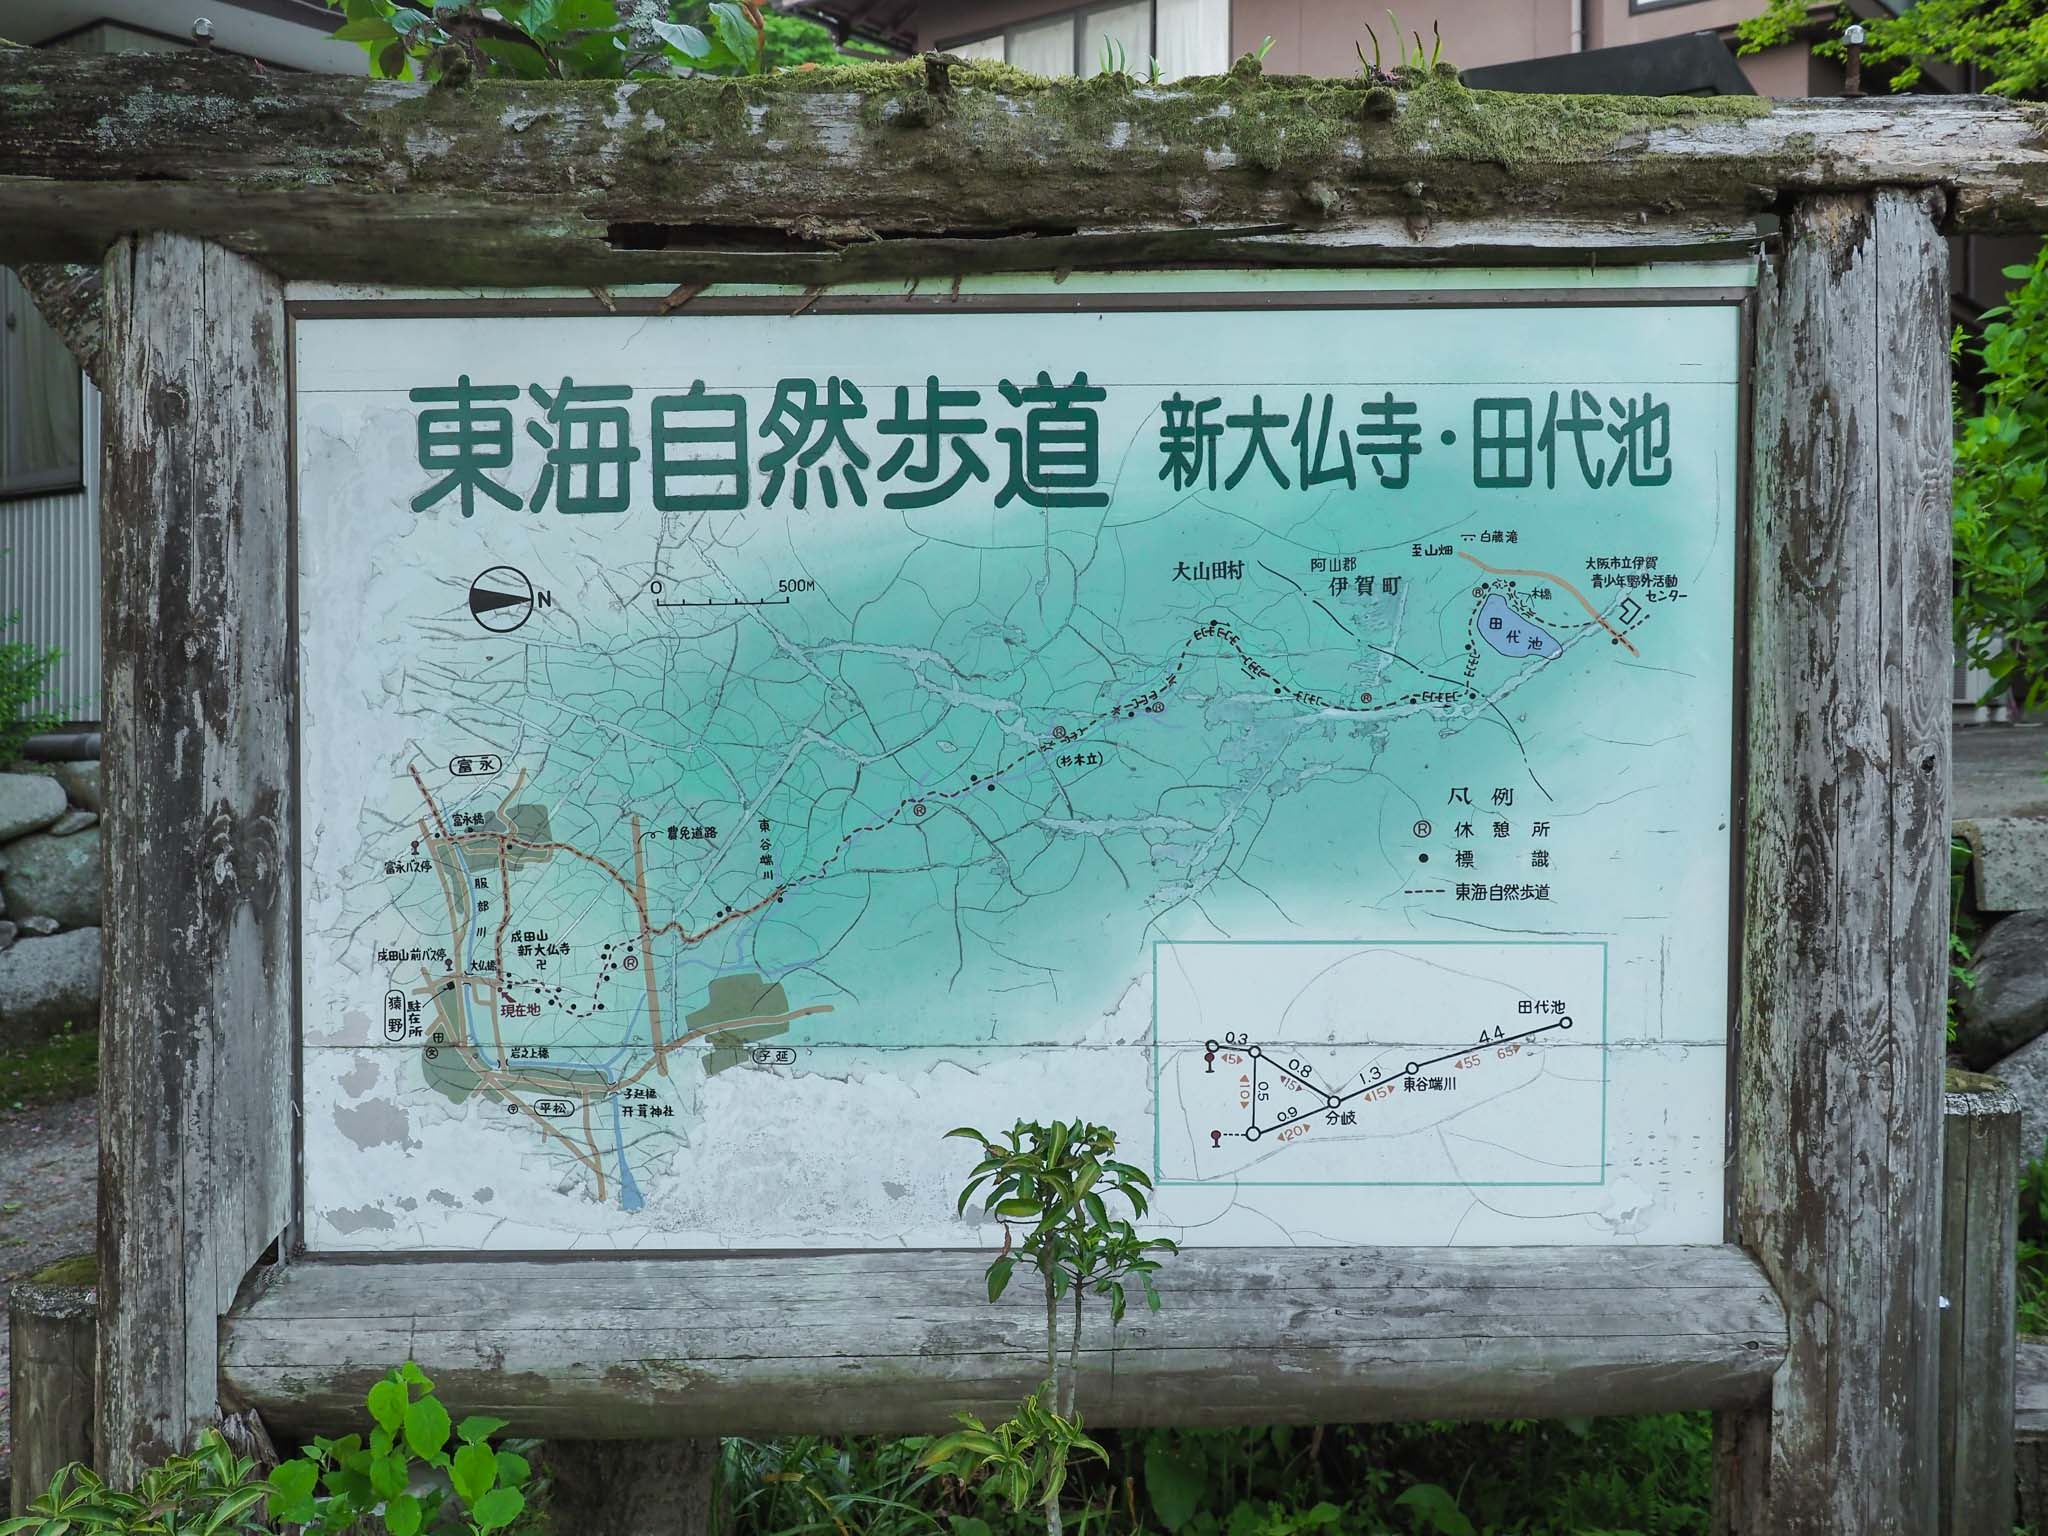 三重県 新大仏寺 東海自然歩道